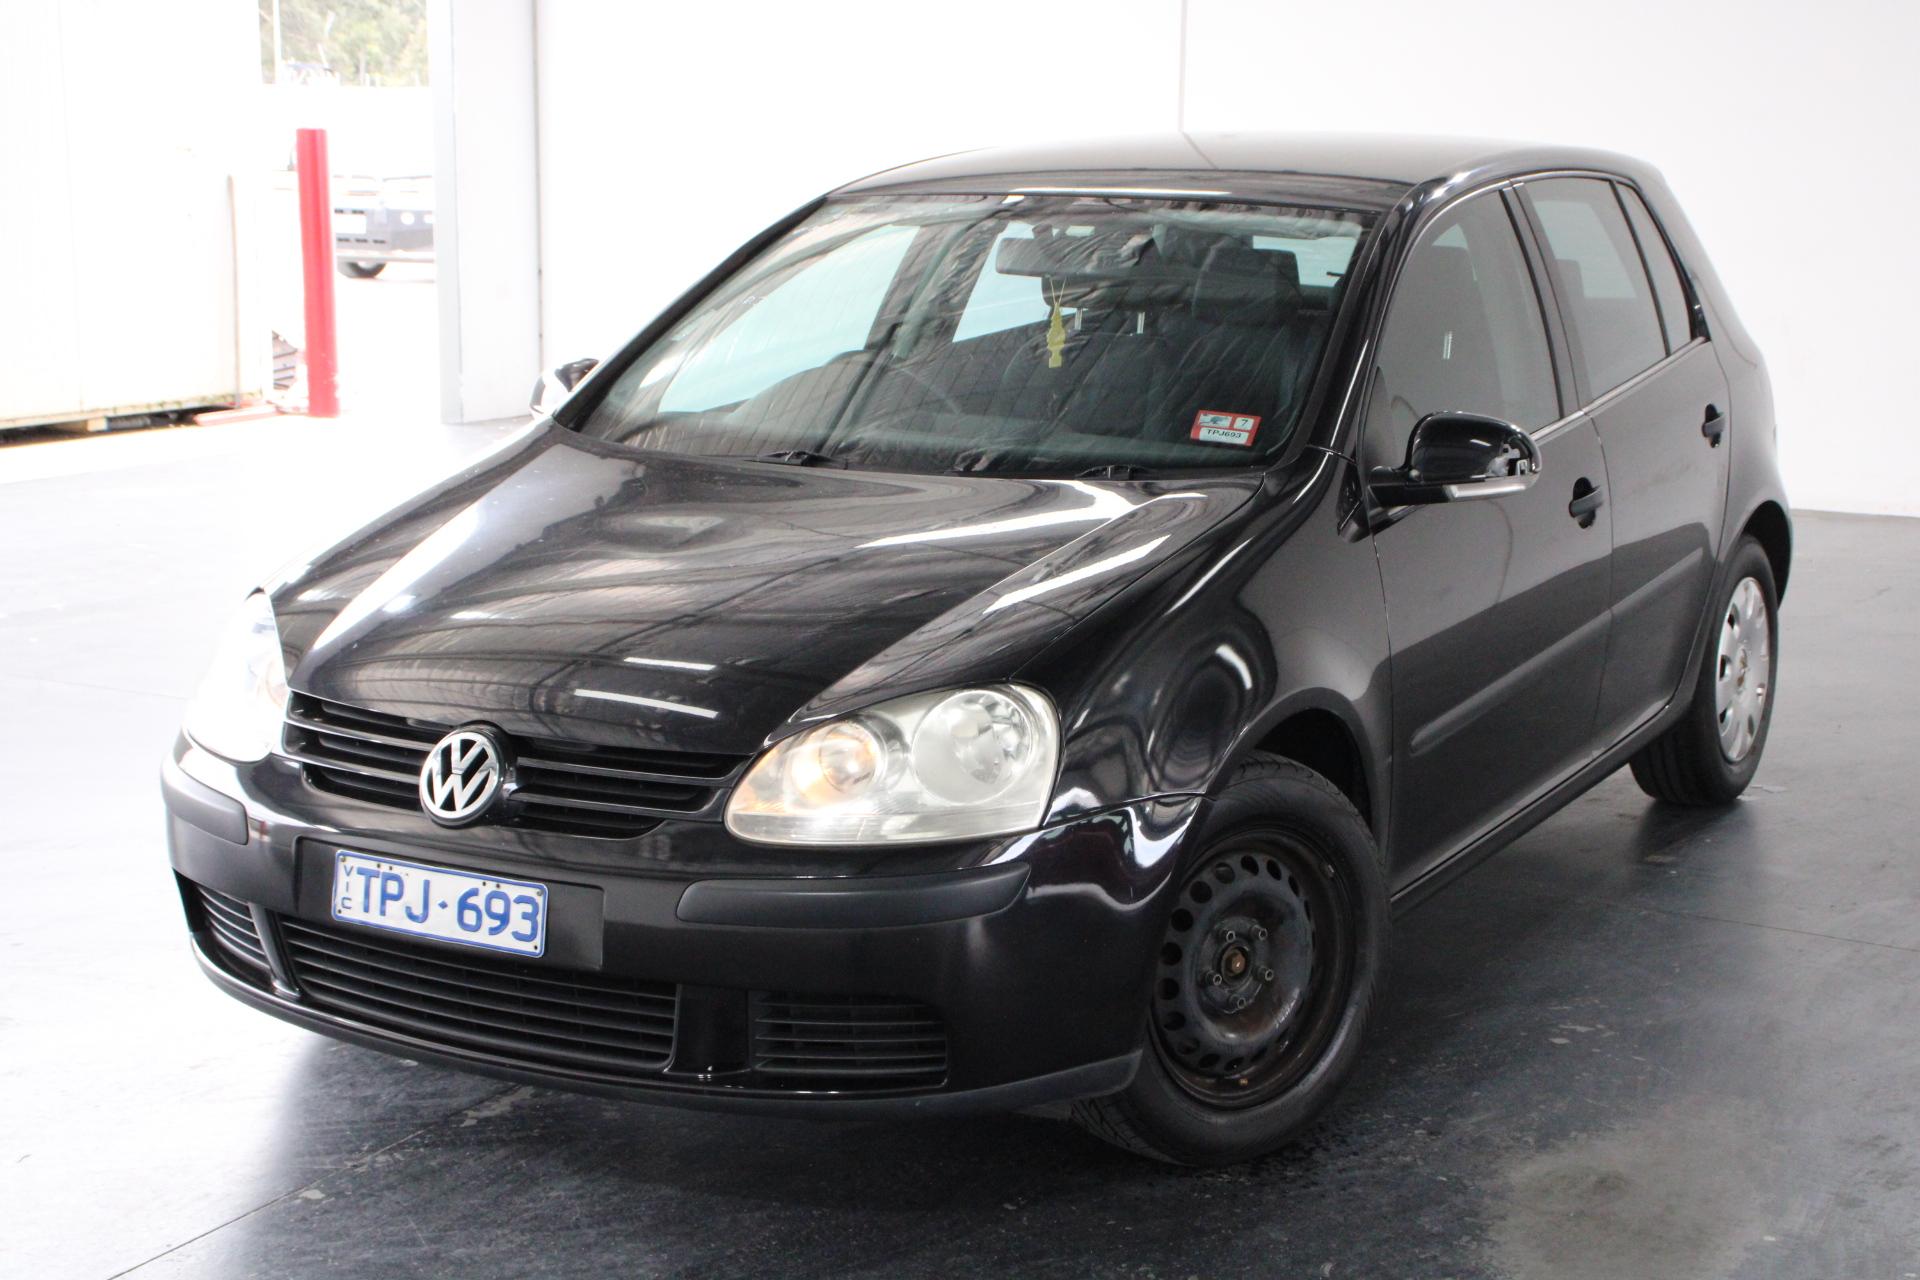 2005 Volkswagen Golf 1.6 Trendline 1k Automatic Hatchback